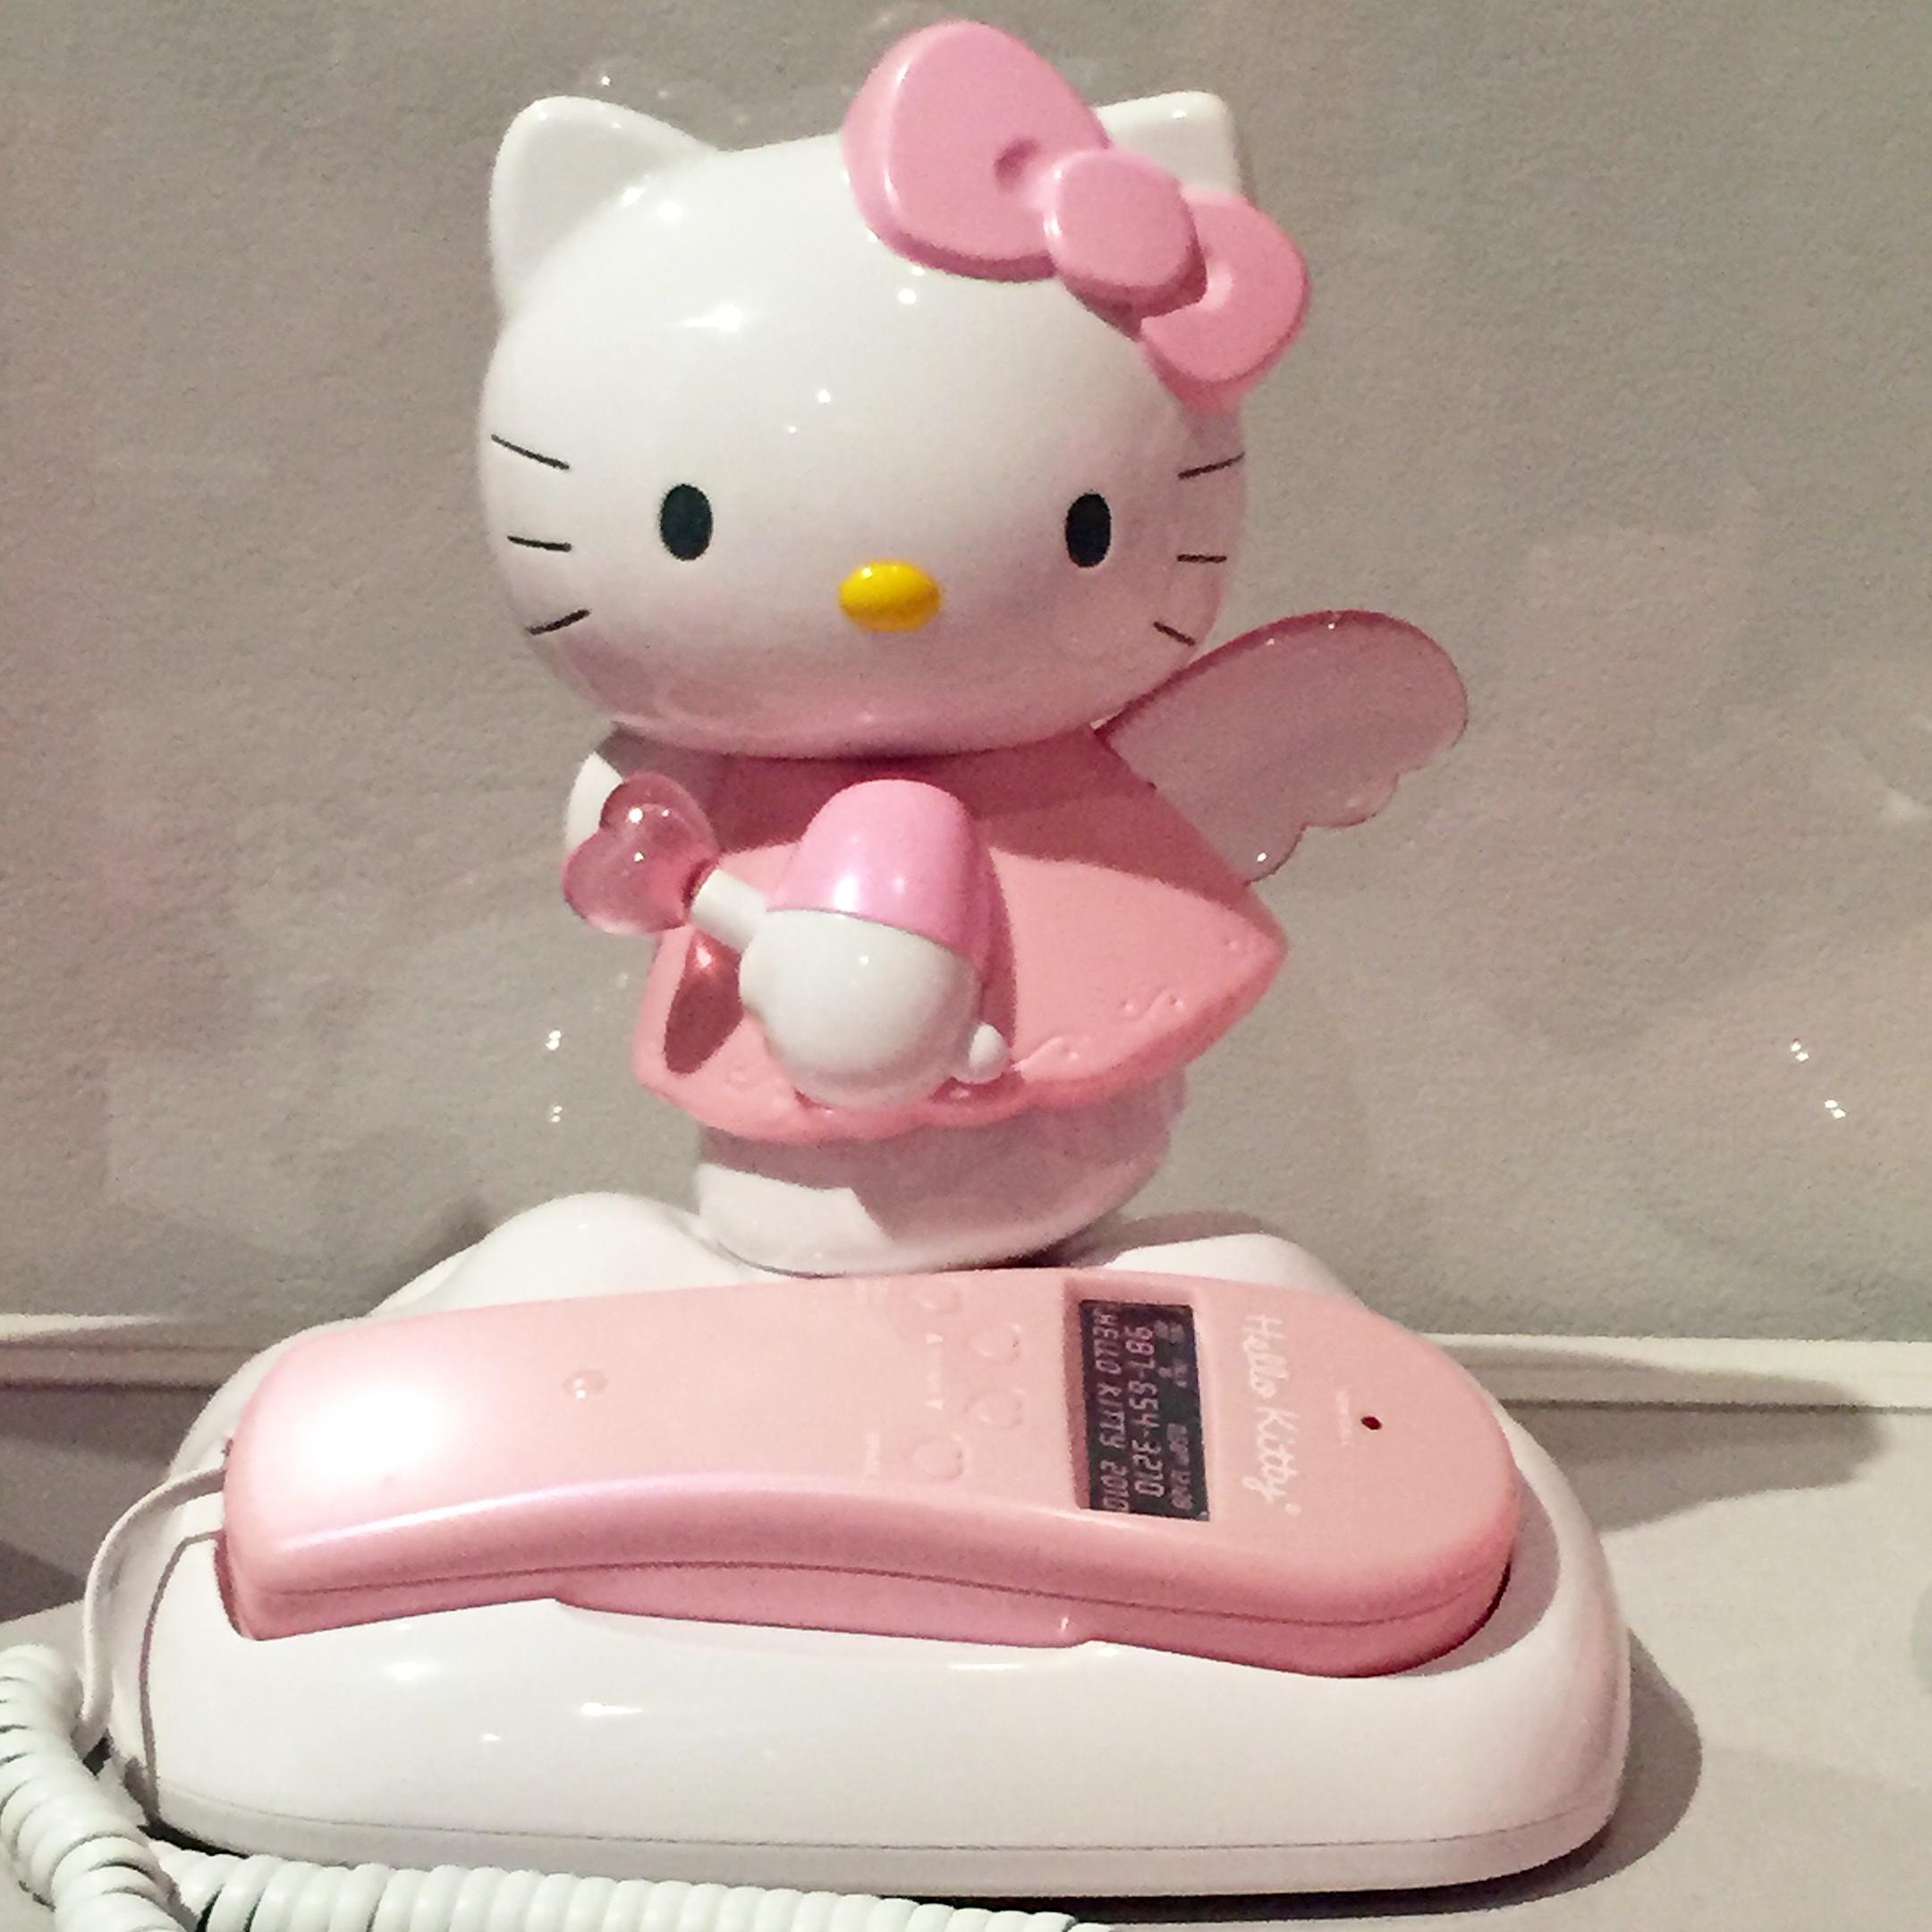 Every girls dream phone